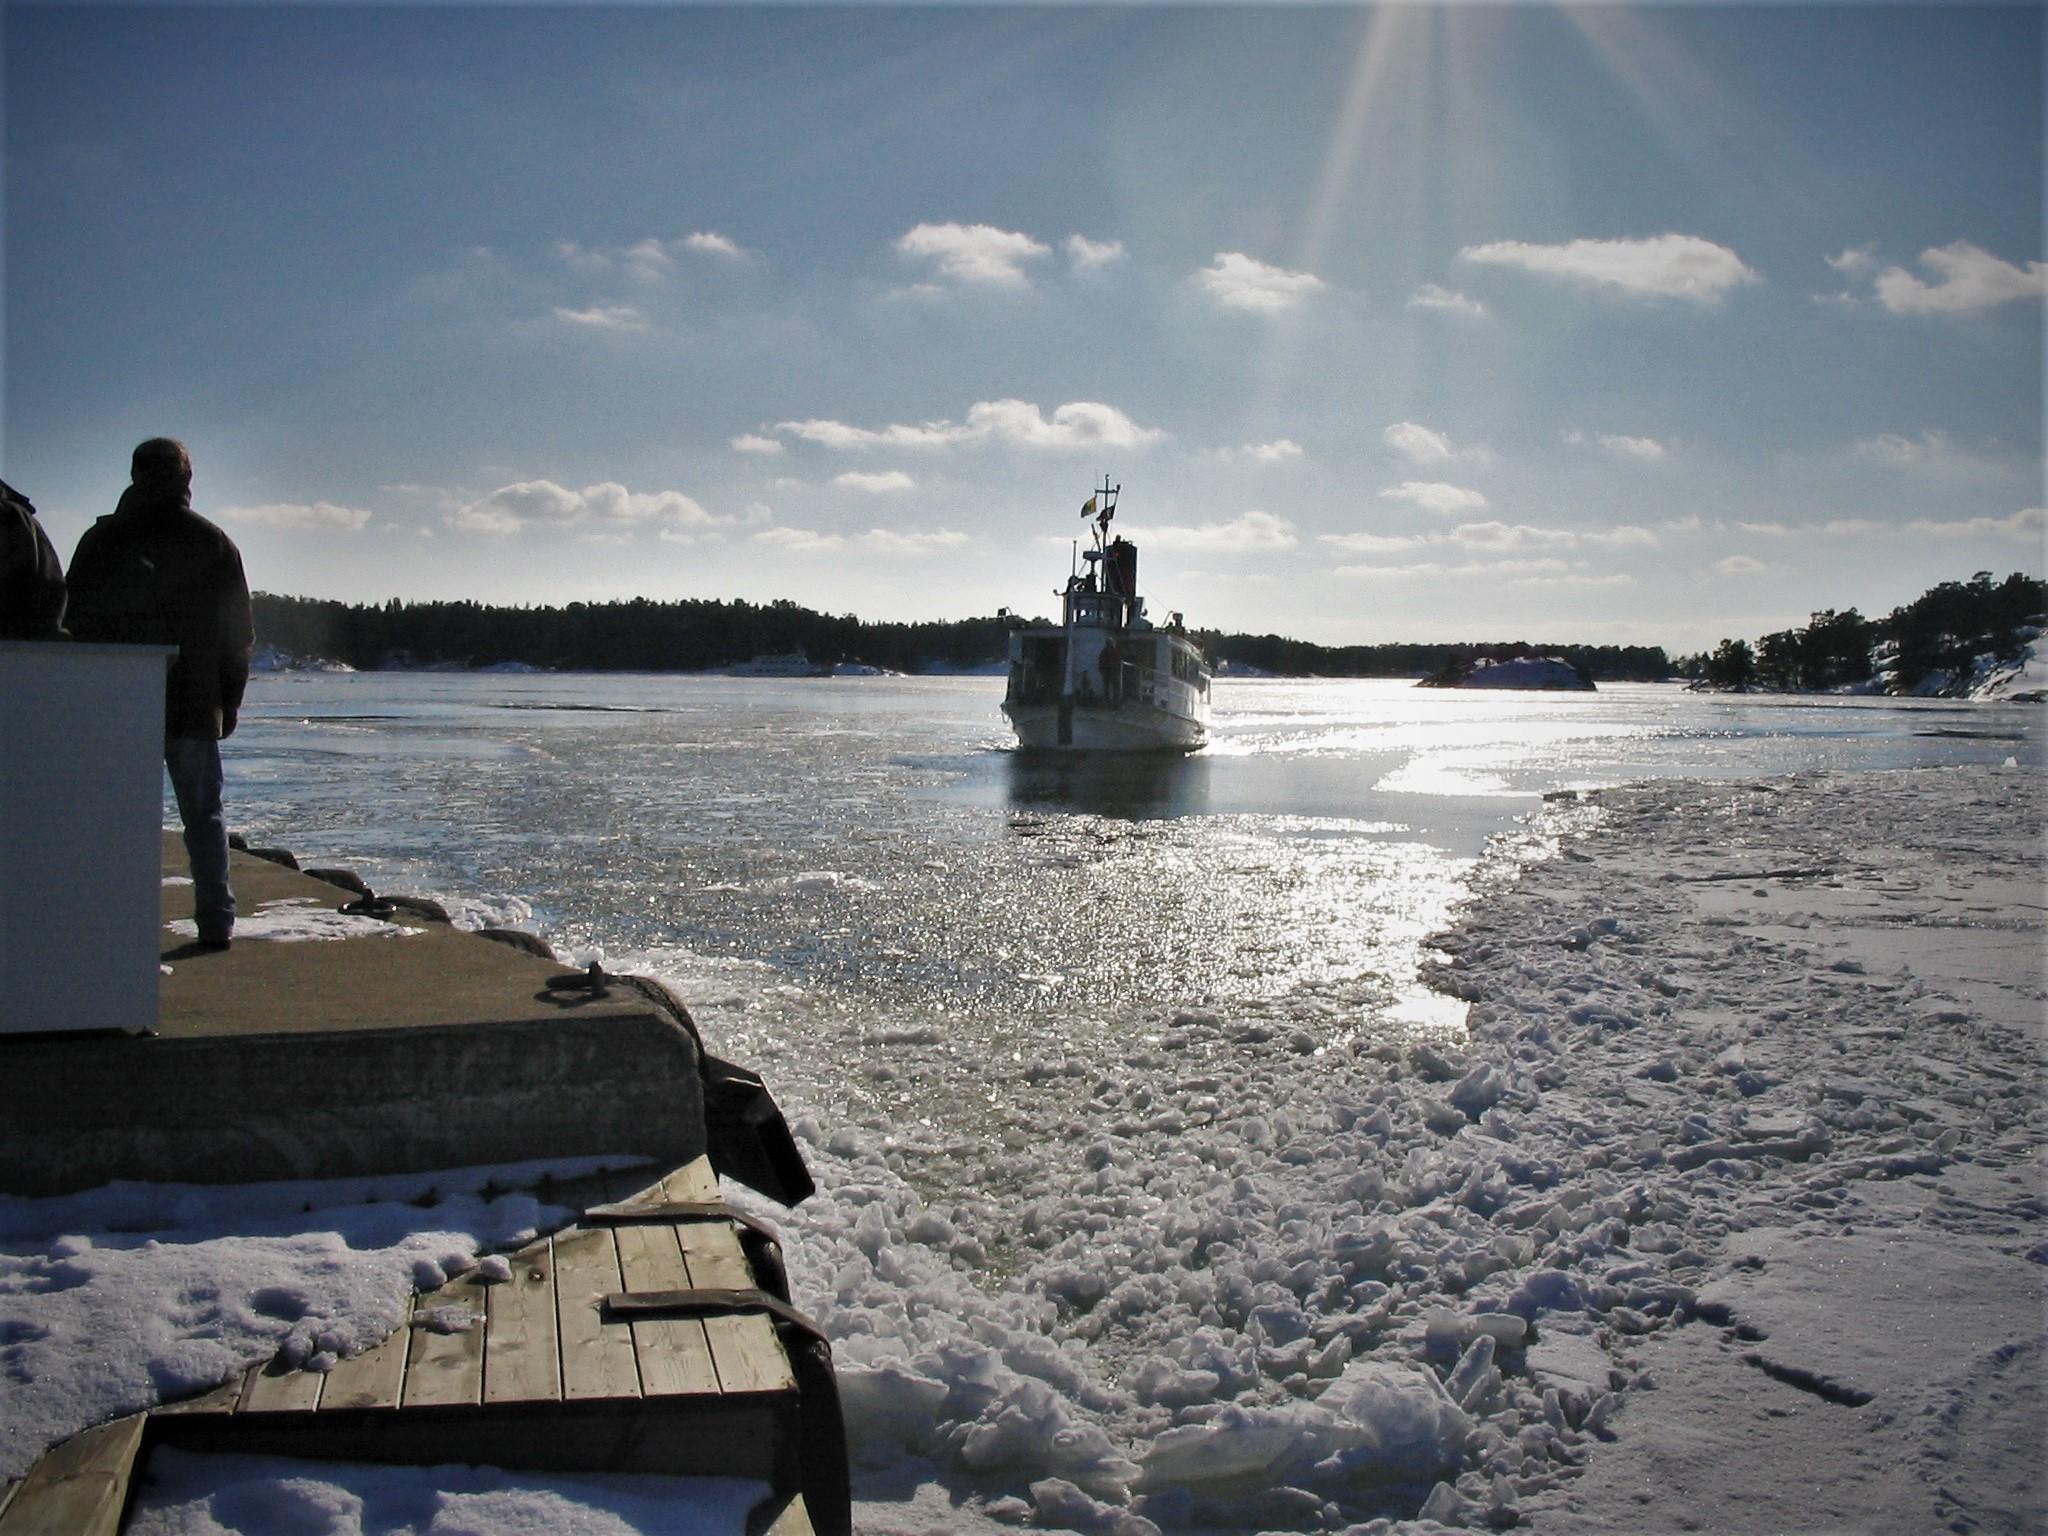 Angantyr-2004 (foto: Håkan Fredriksson)